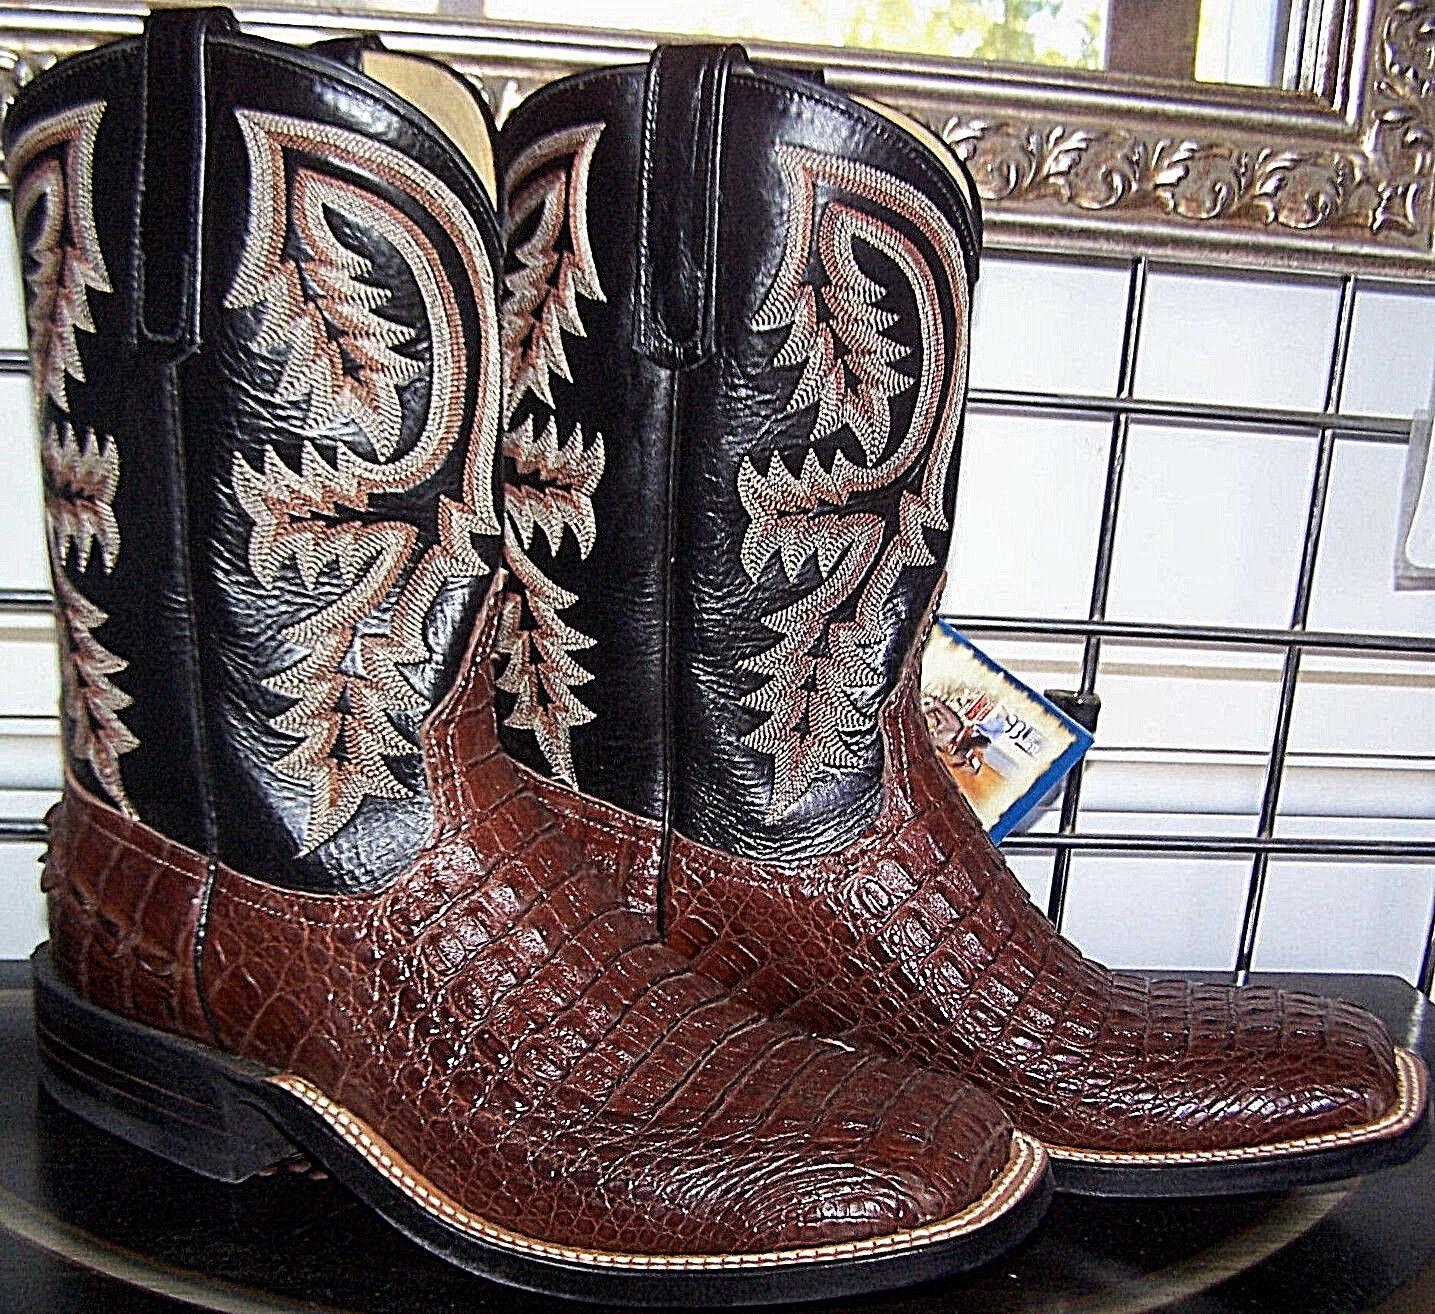 Anderson Bean sportrust Caimán Cocodrilo Cocodrilo botas de vaquero 8.5C señoras 9.5